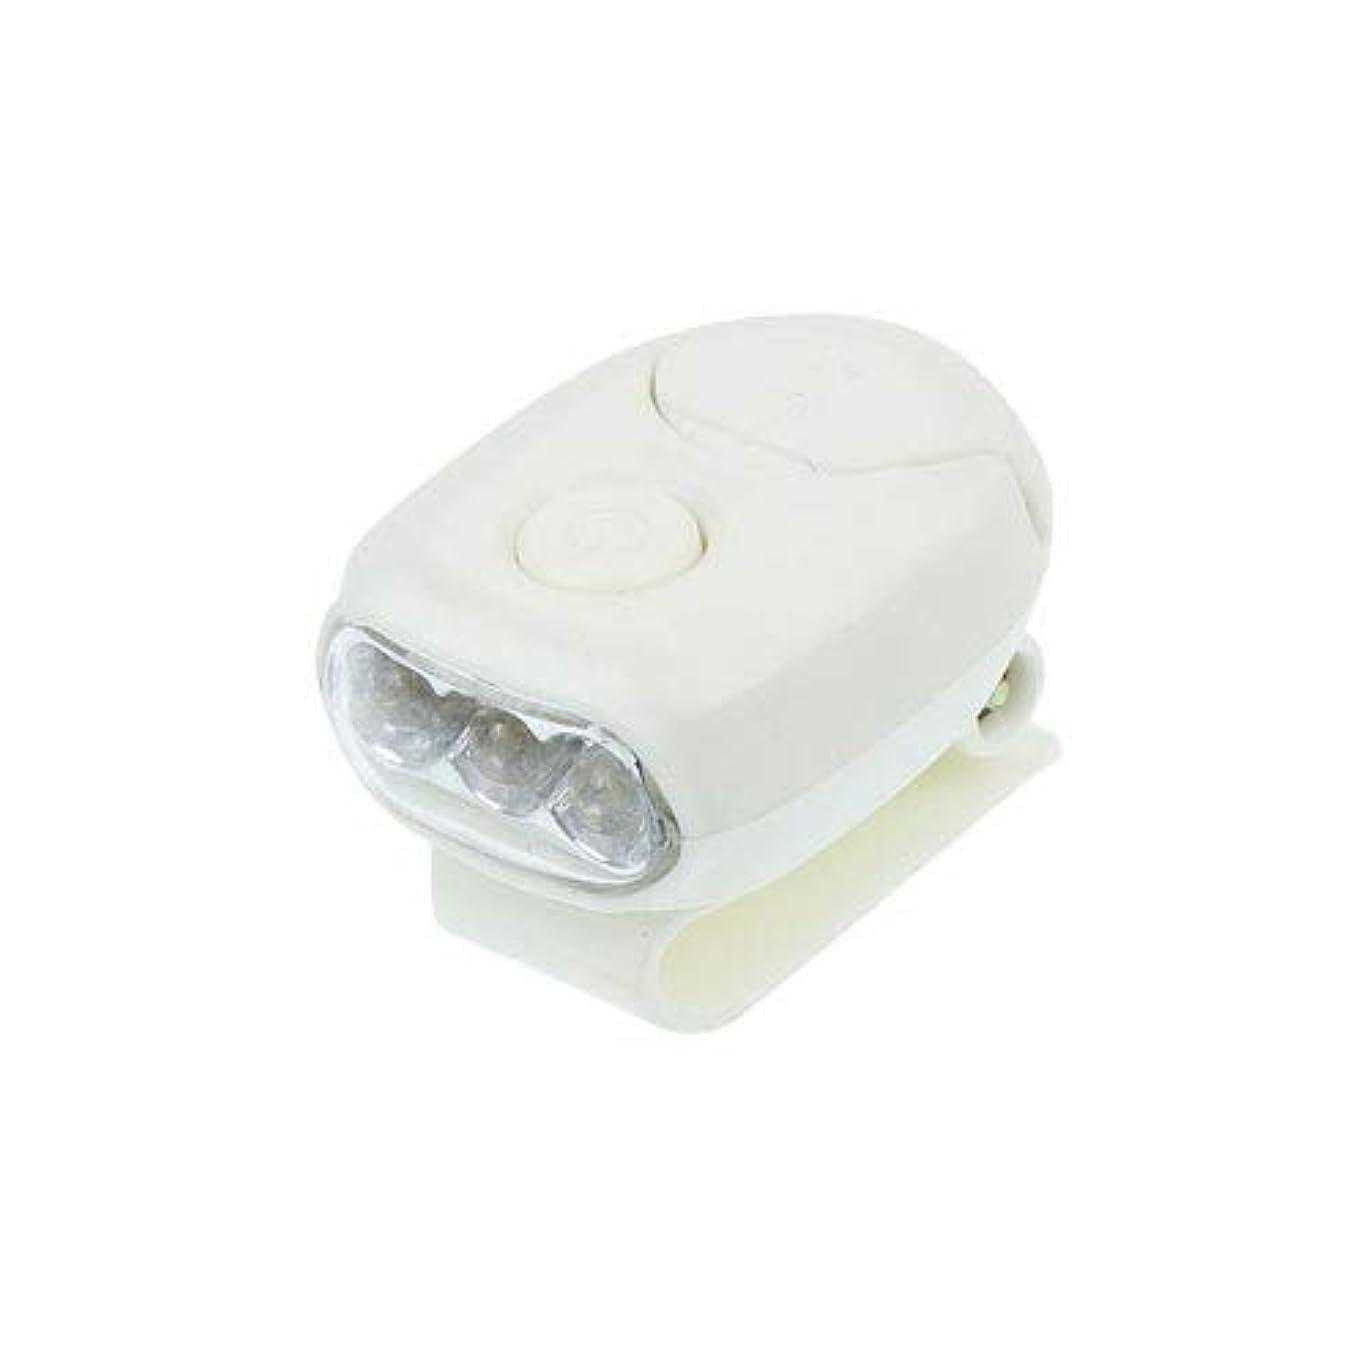 頑張るつぶす多くの危険がある状況MINIクリップライト 3LED ホワイト 電池式